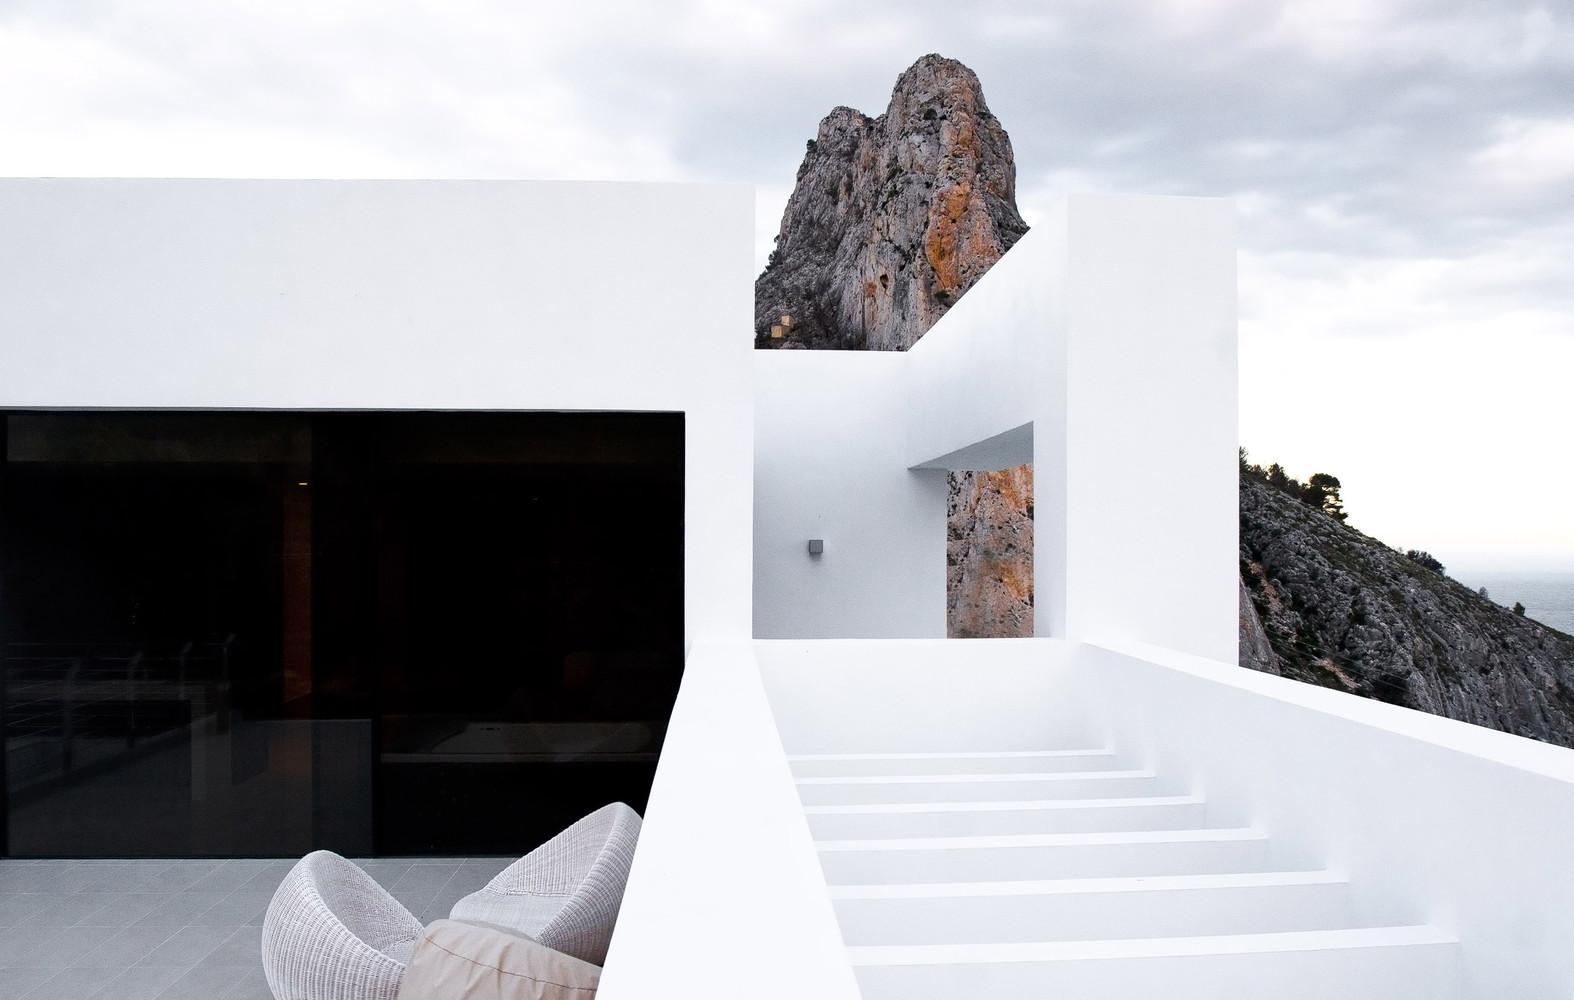 """5 16 - """"La perla del Mediterráneo"""": Diseño blanco sobre el mar en Morro de Toix, Altea (Costa Blanca)"""